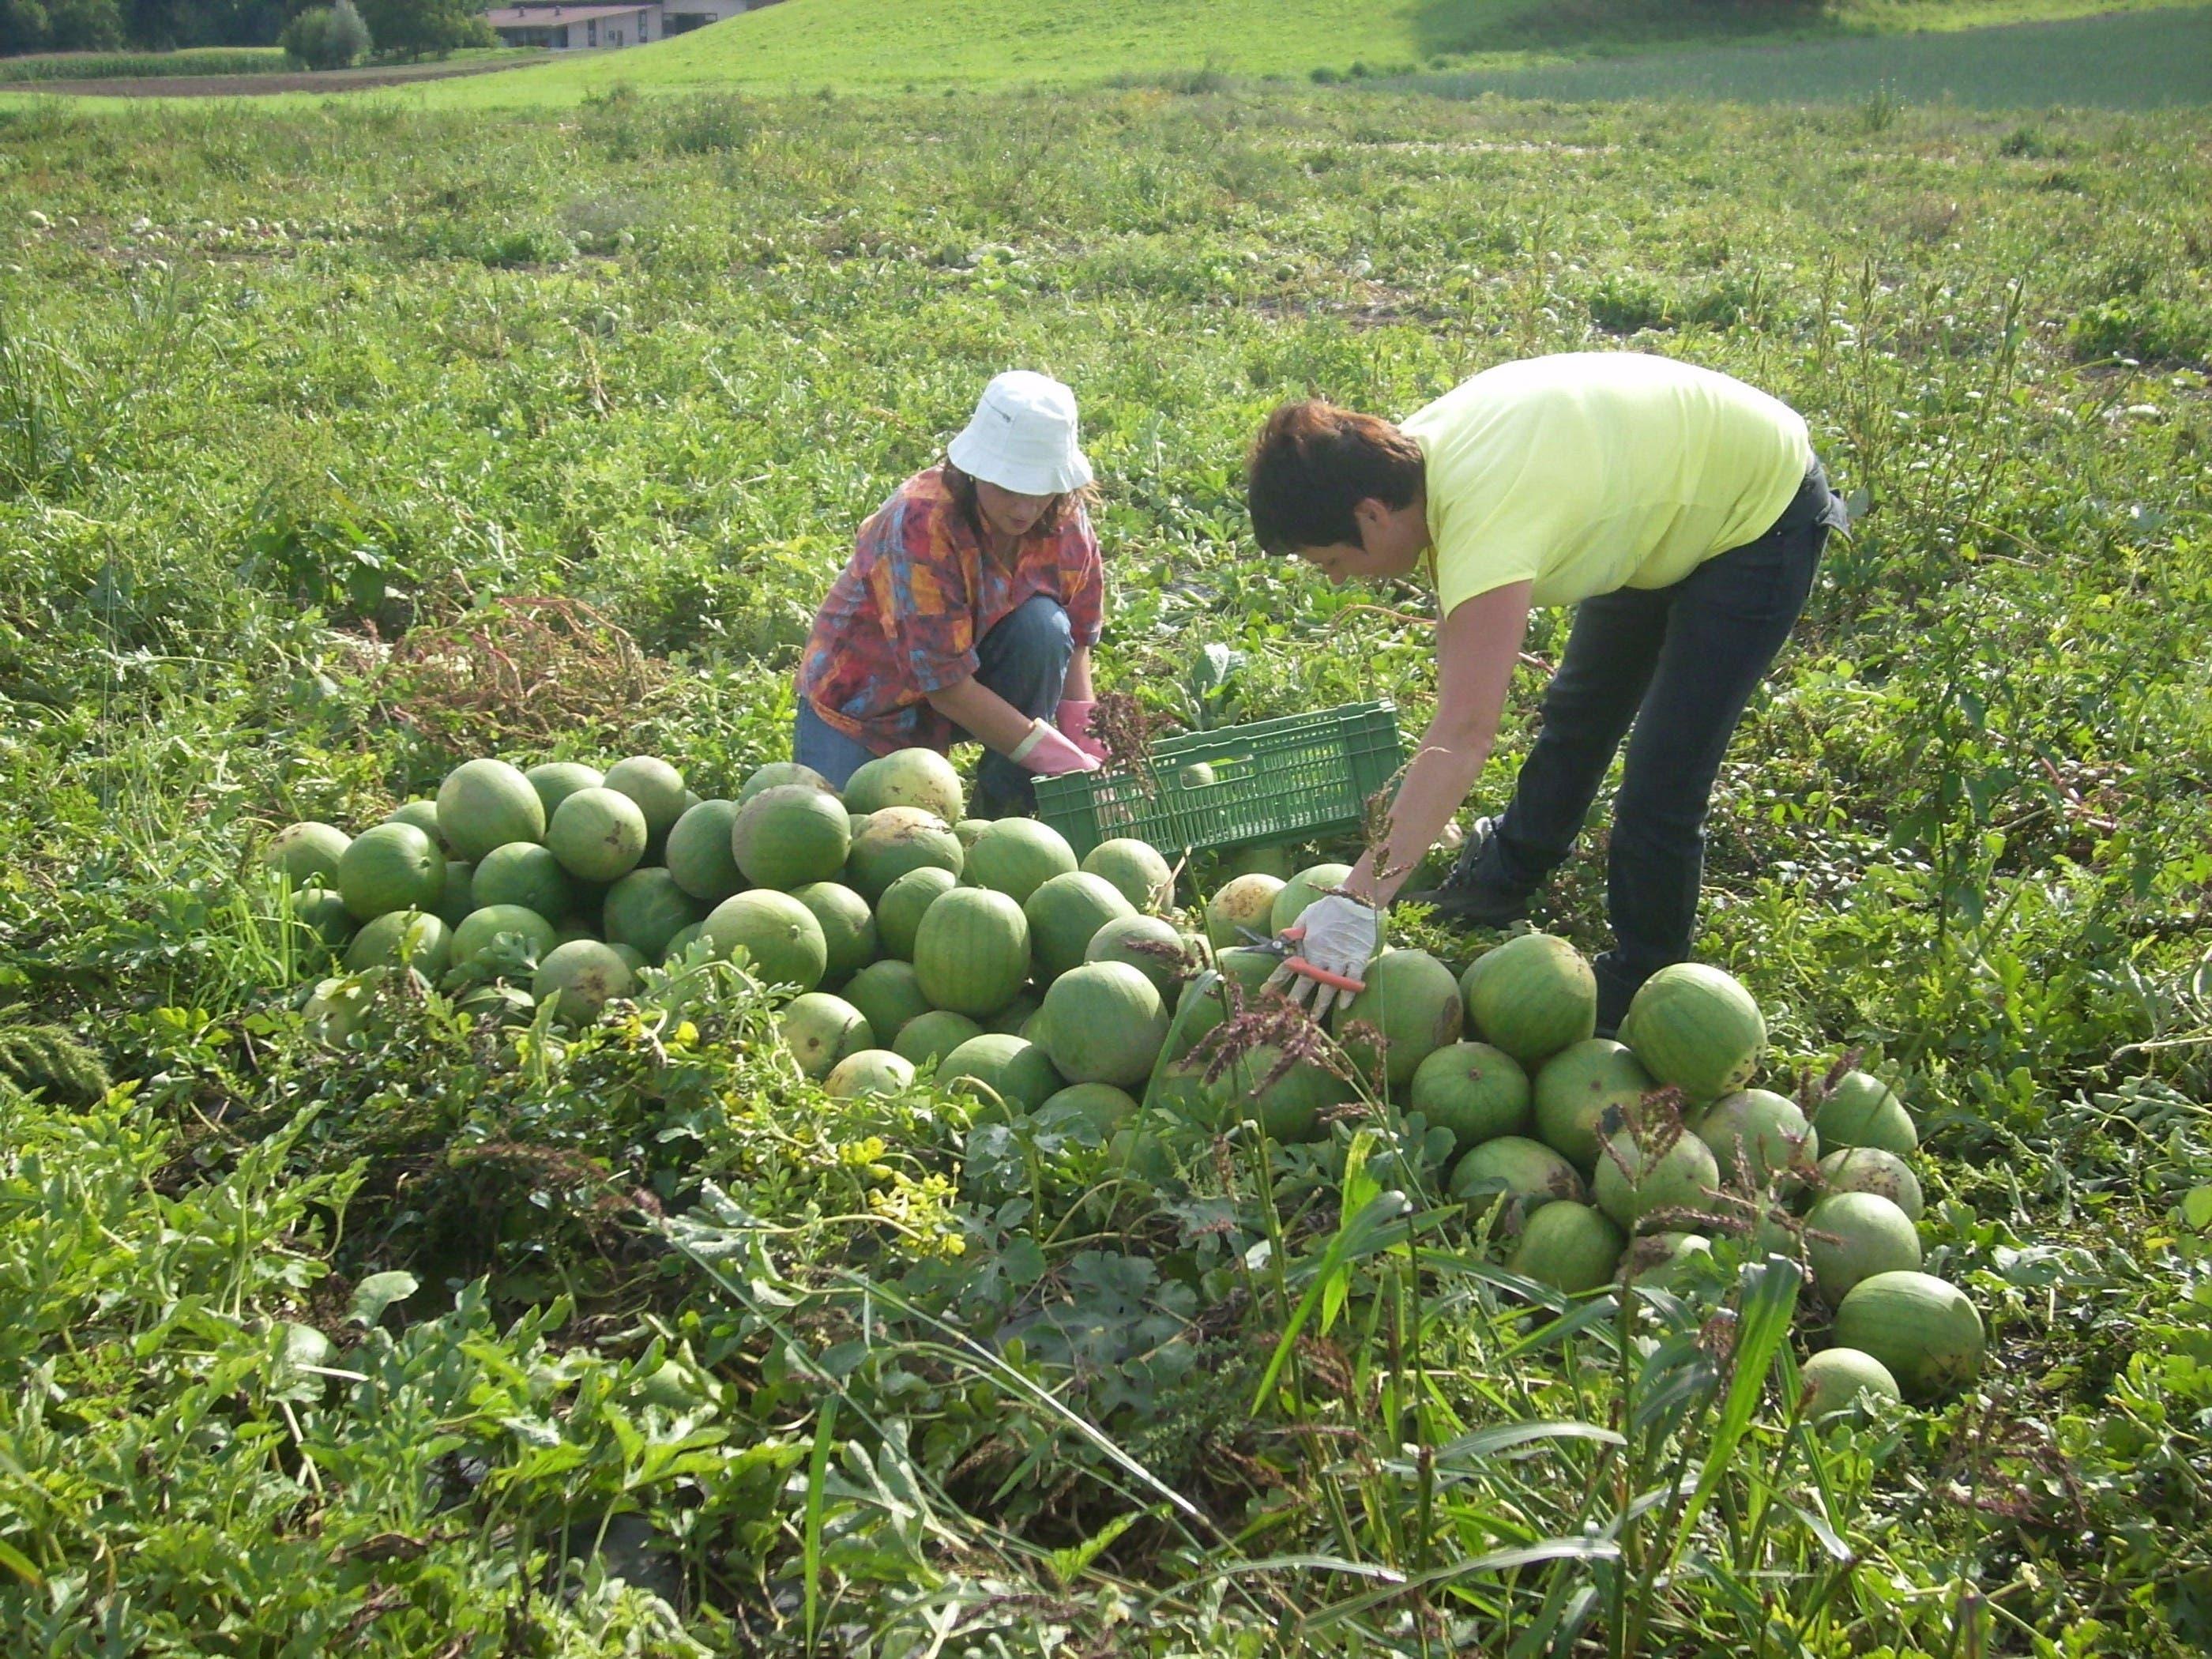 Freiämter Wassermelonen: Frisch vom Feld in das Verkaufsregal